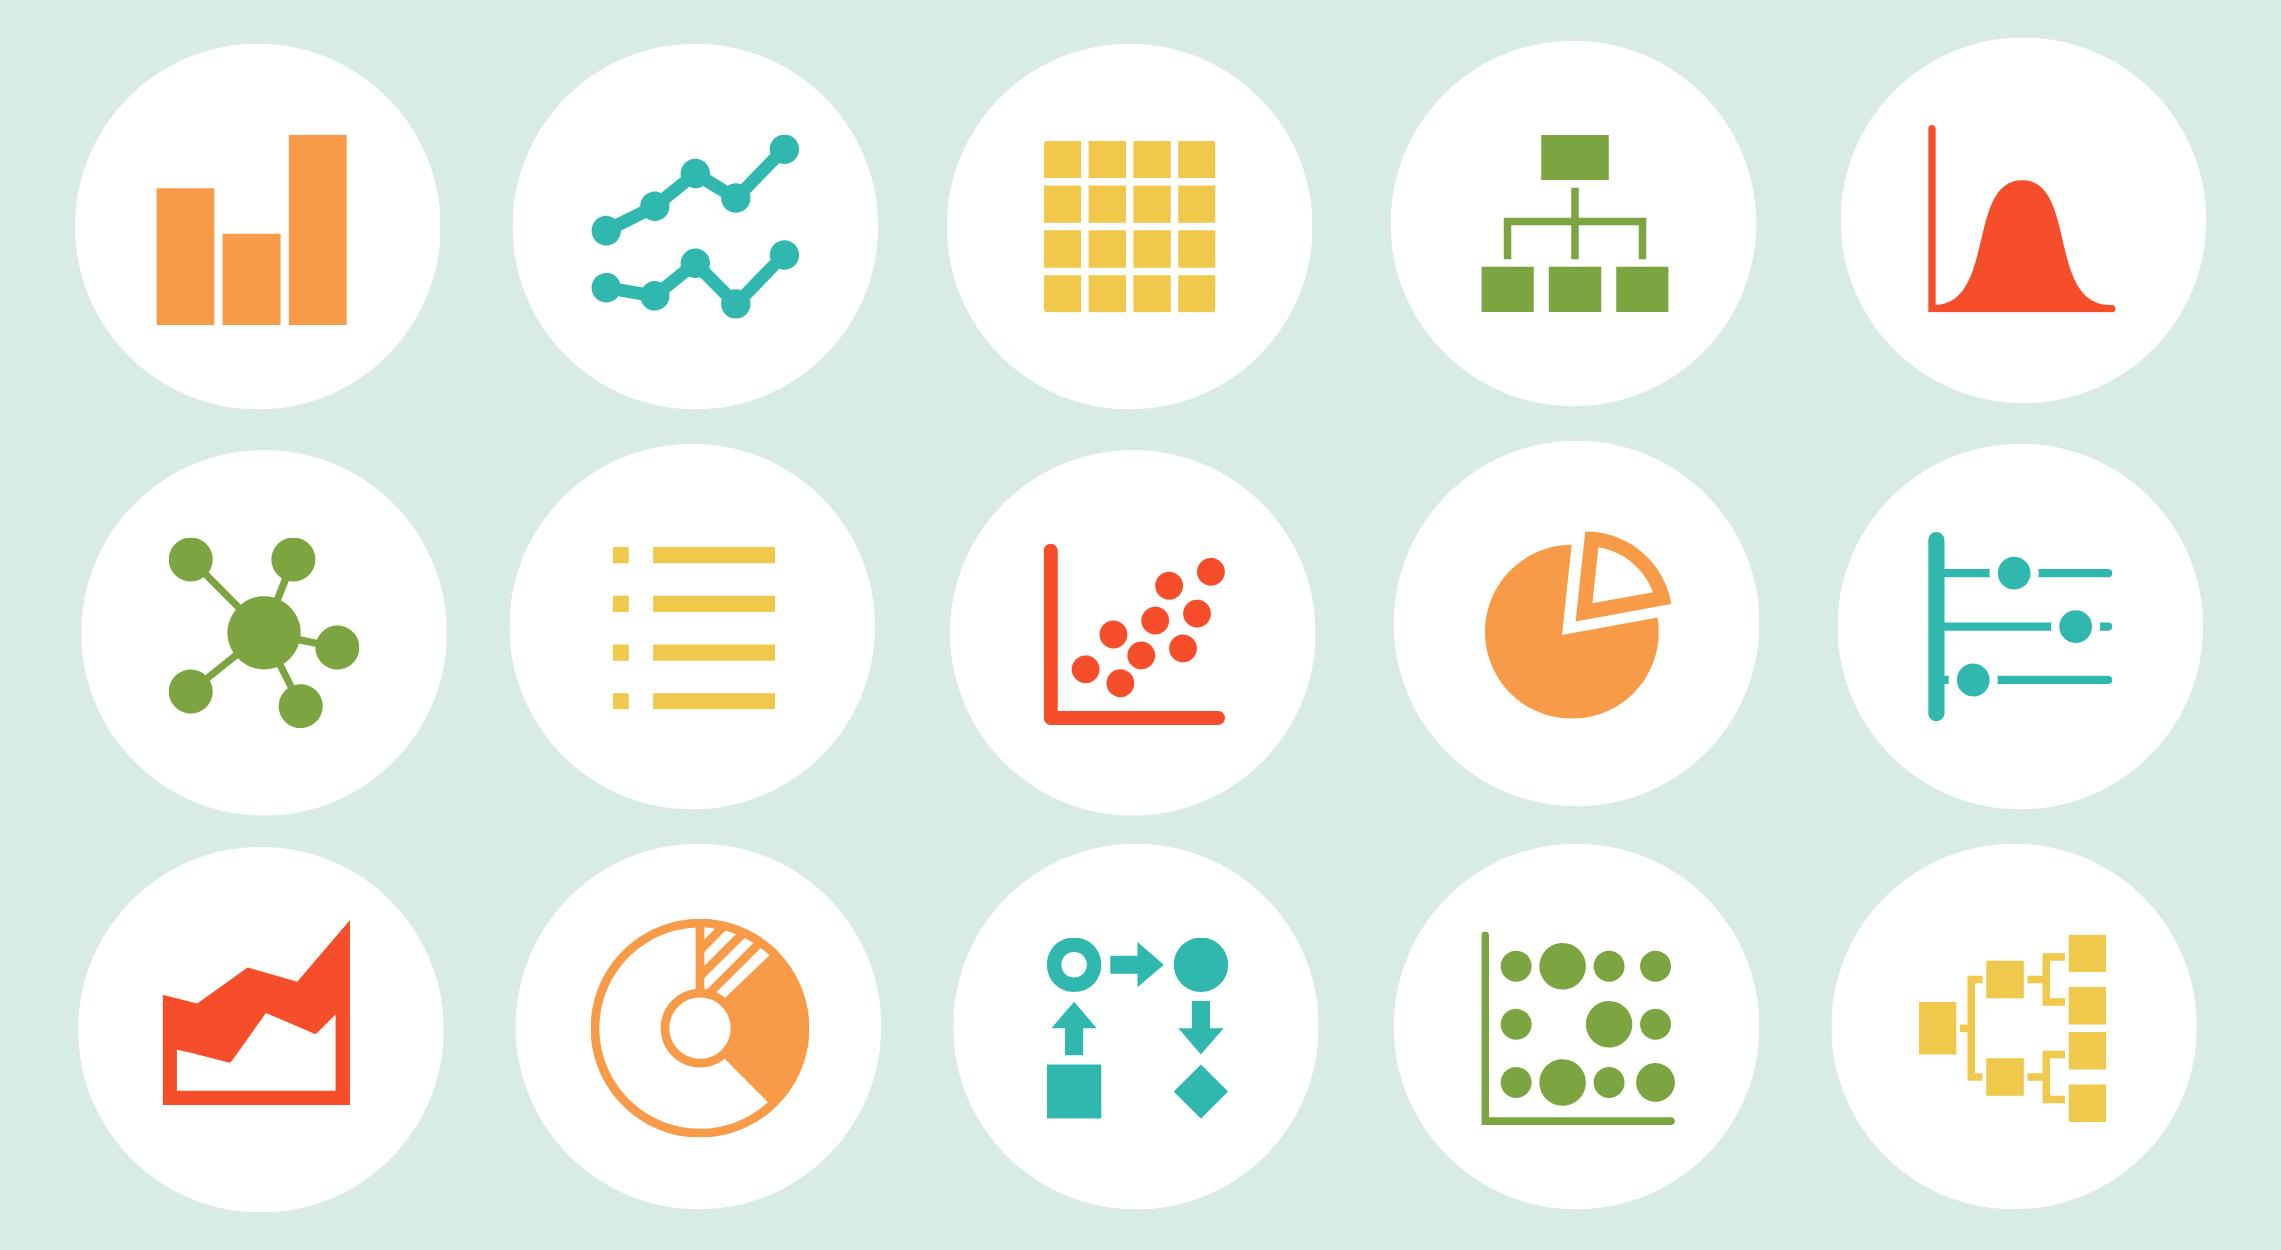 Elige los mejores gráficos para tu infografía